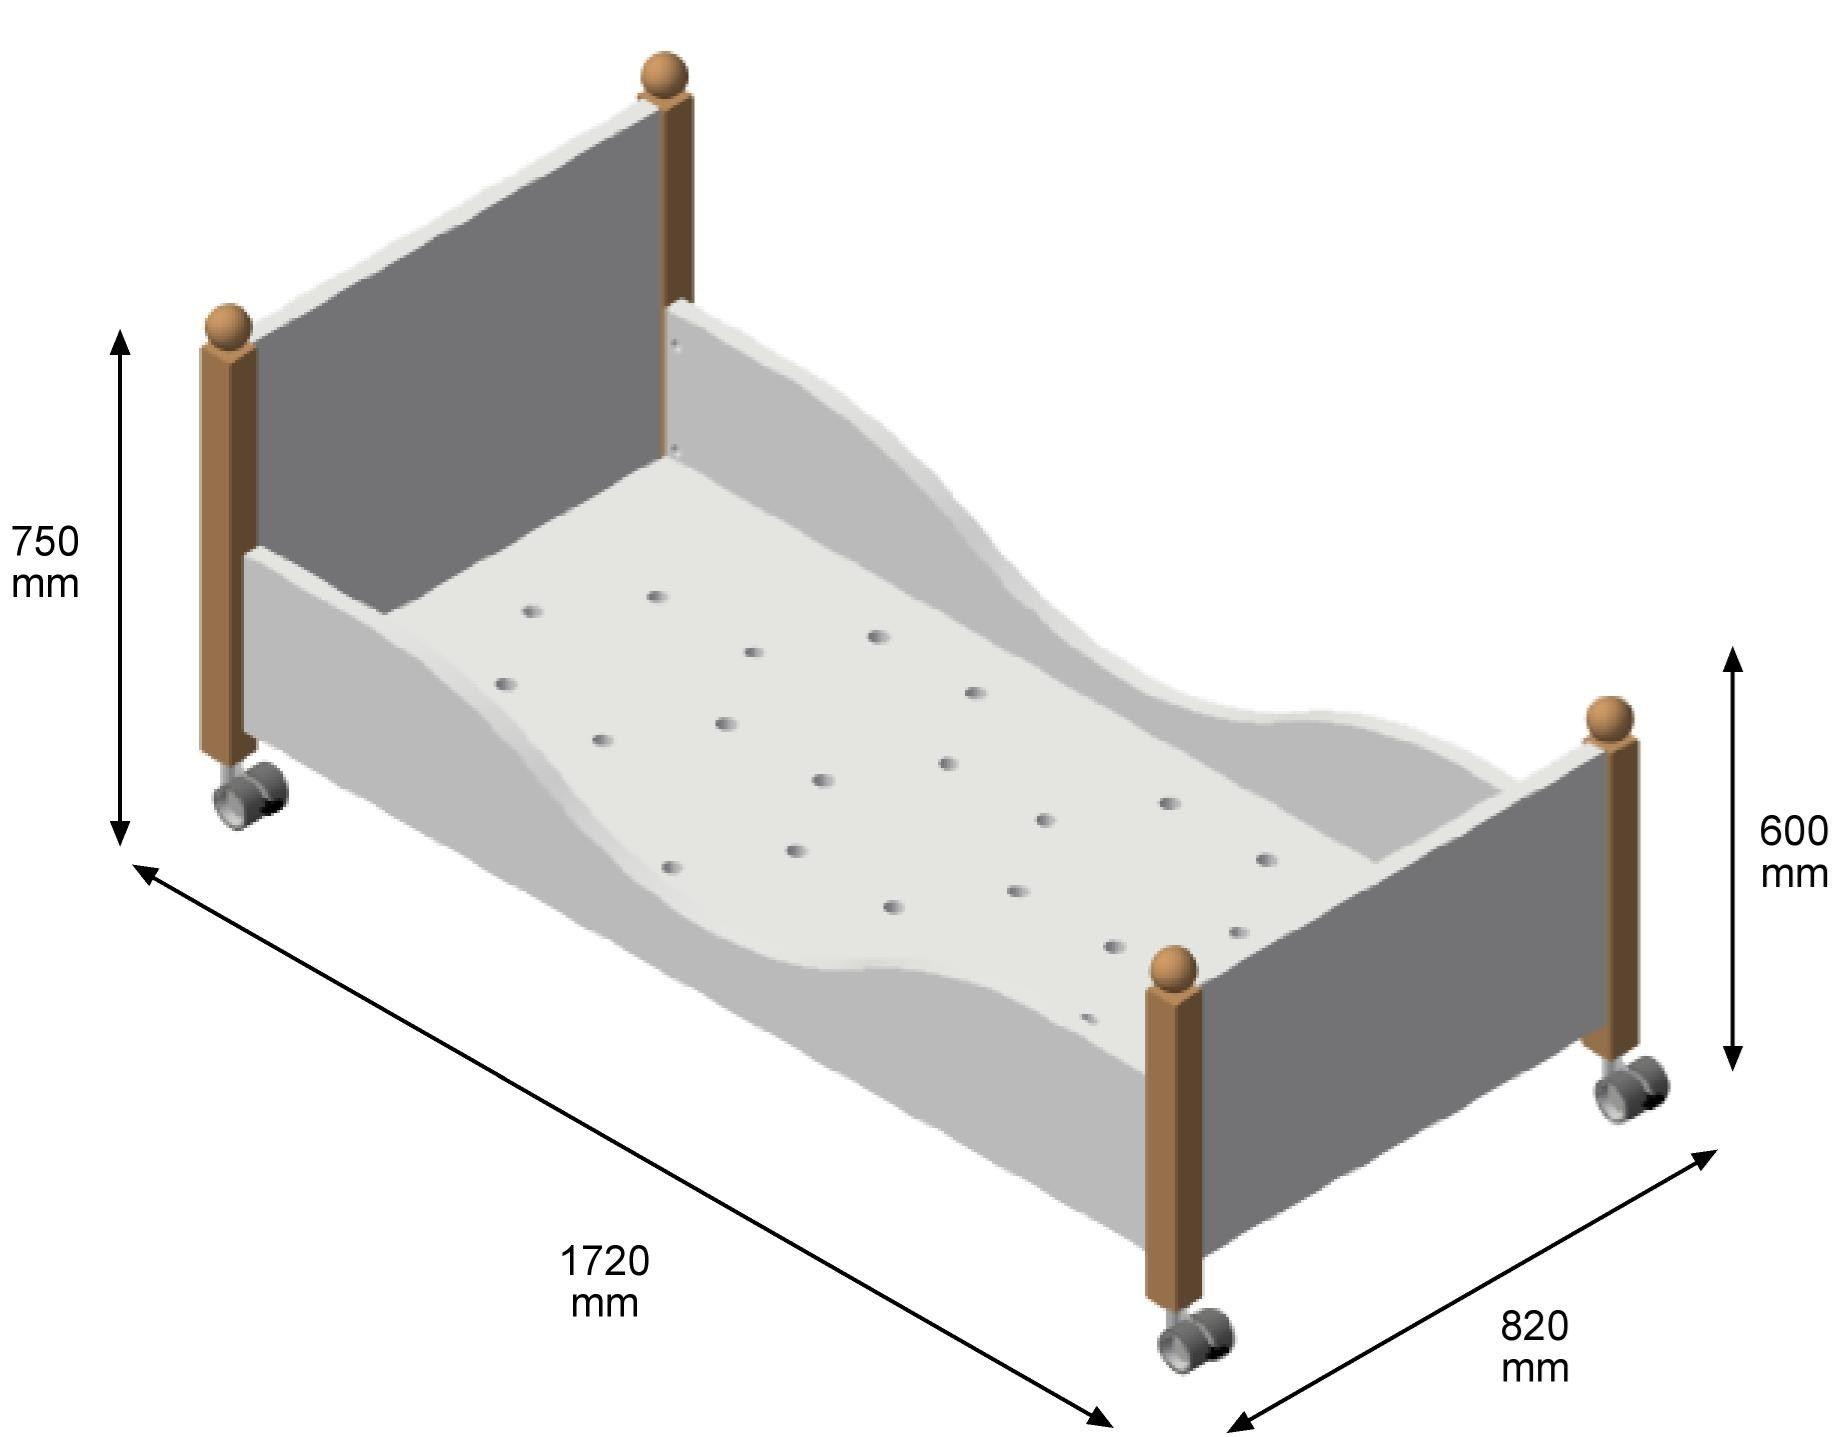 Lit simple en bois massif pour chambre d enfant PISOLO By dearkids